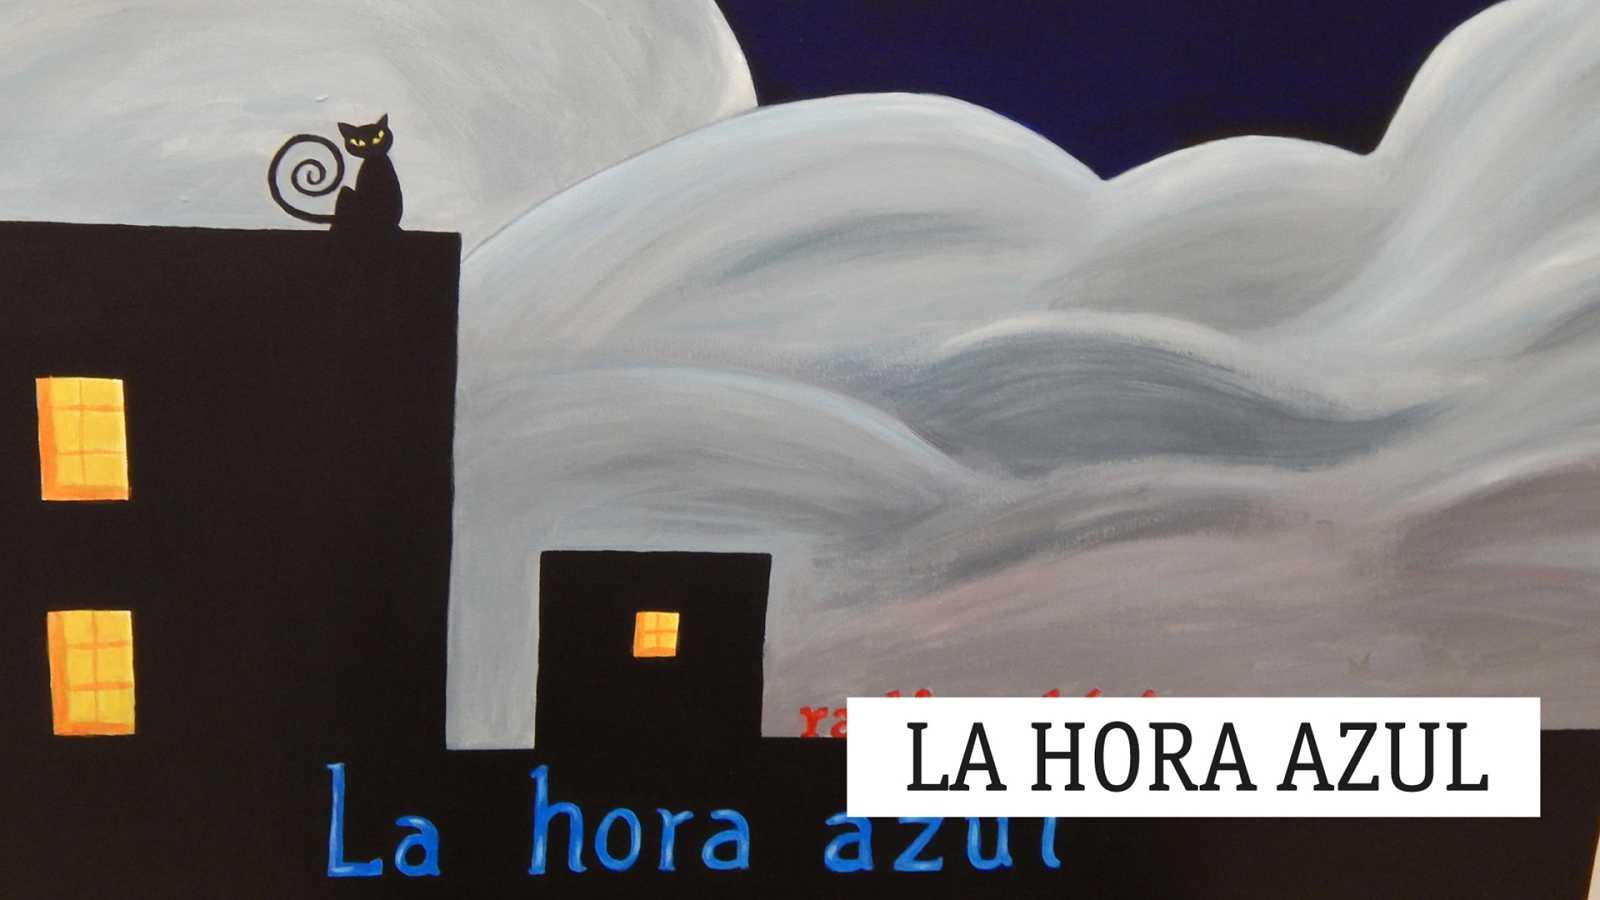 La hora azul - Beethoven y Hephzibah Menuhin - 25/11/20 - escuchar ahora